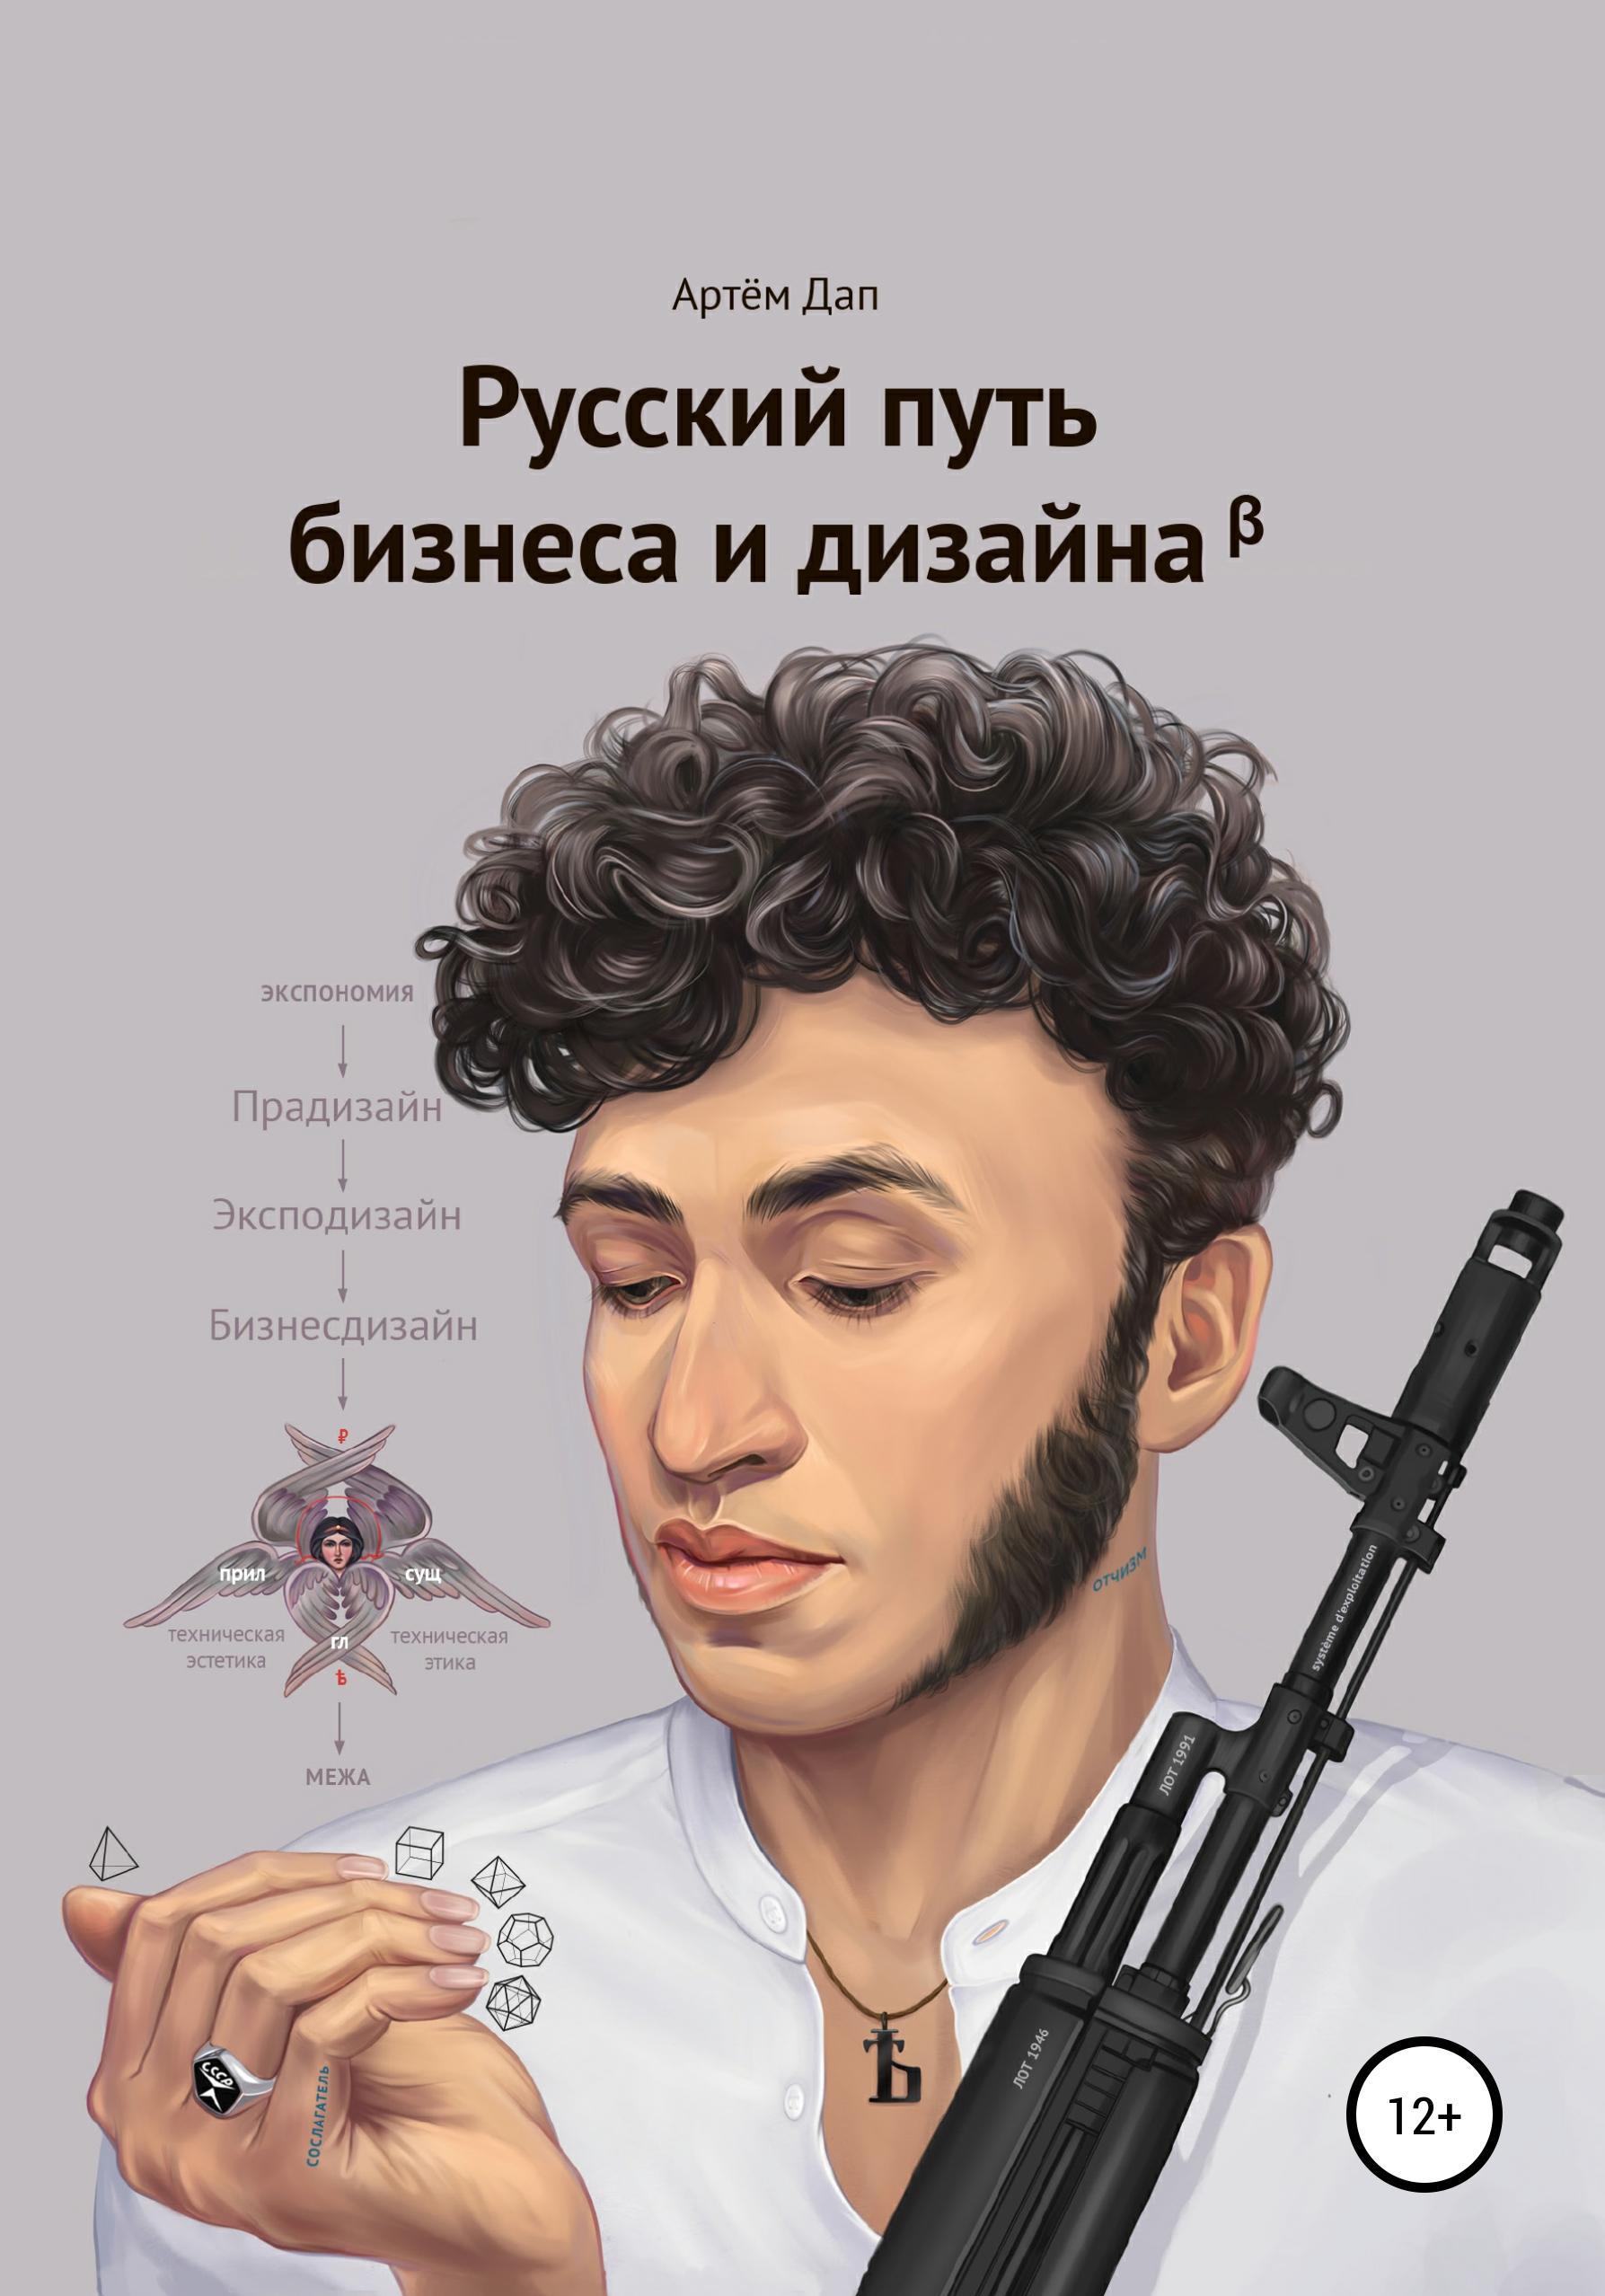 Артем Саркисович Дап Русский путь бизнеса и дизайна